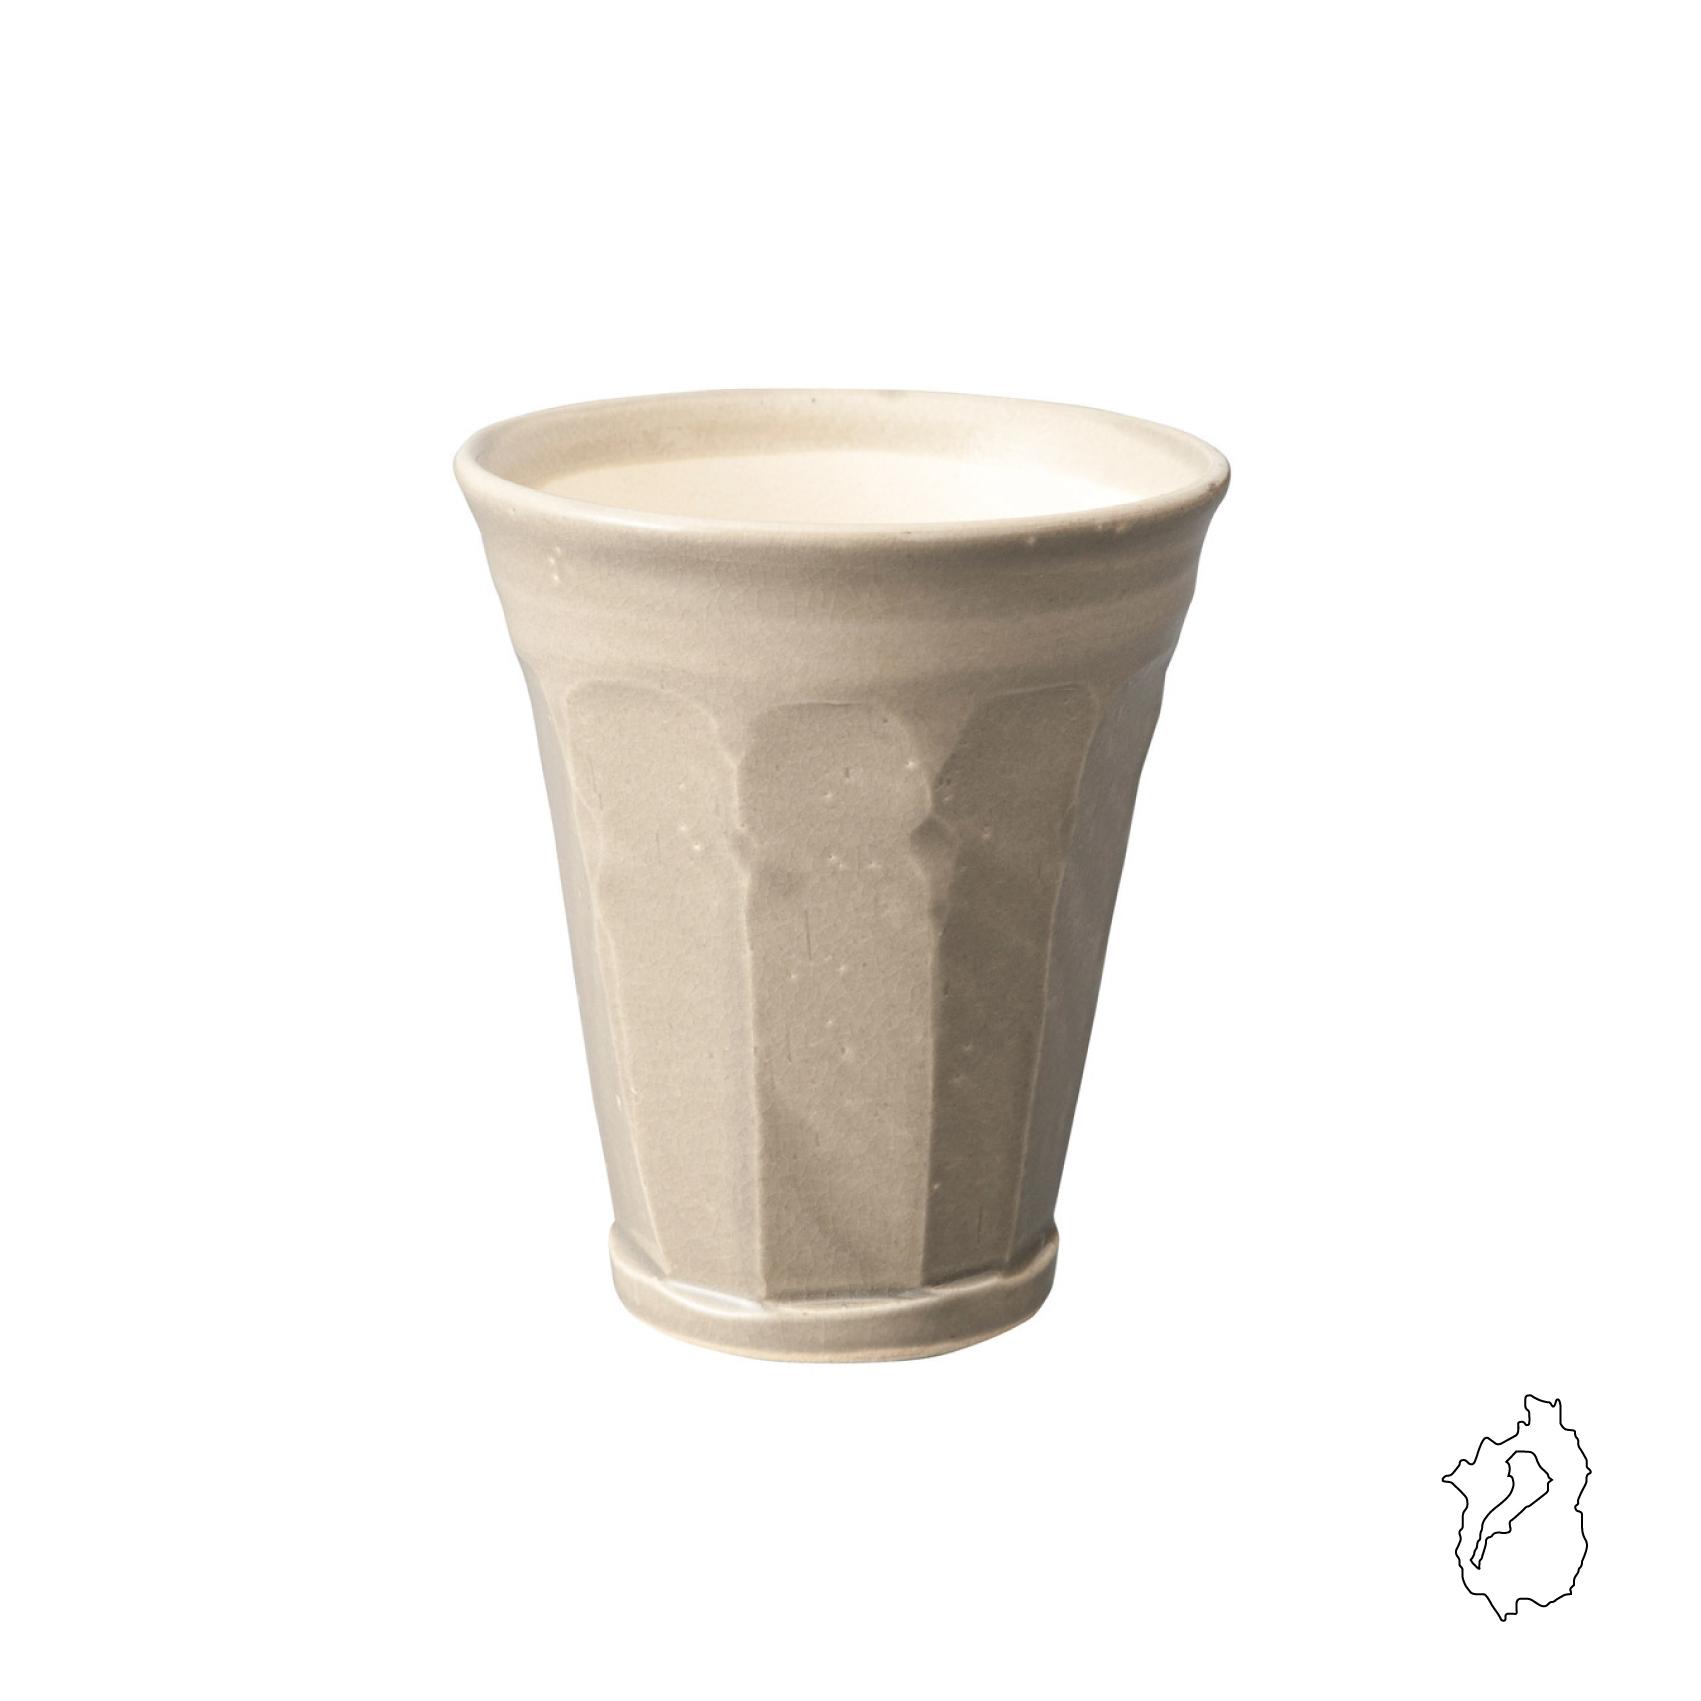 信楽焼 ホイップのような泡が持続する陶器グラス グレージュ 280ml <SHIGA>